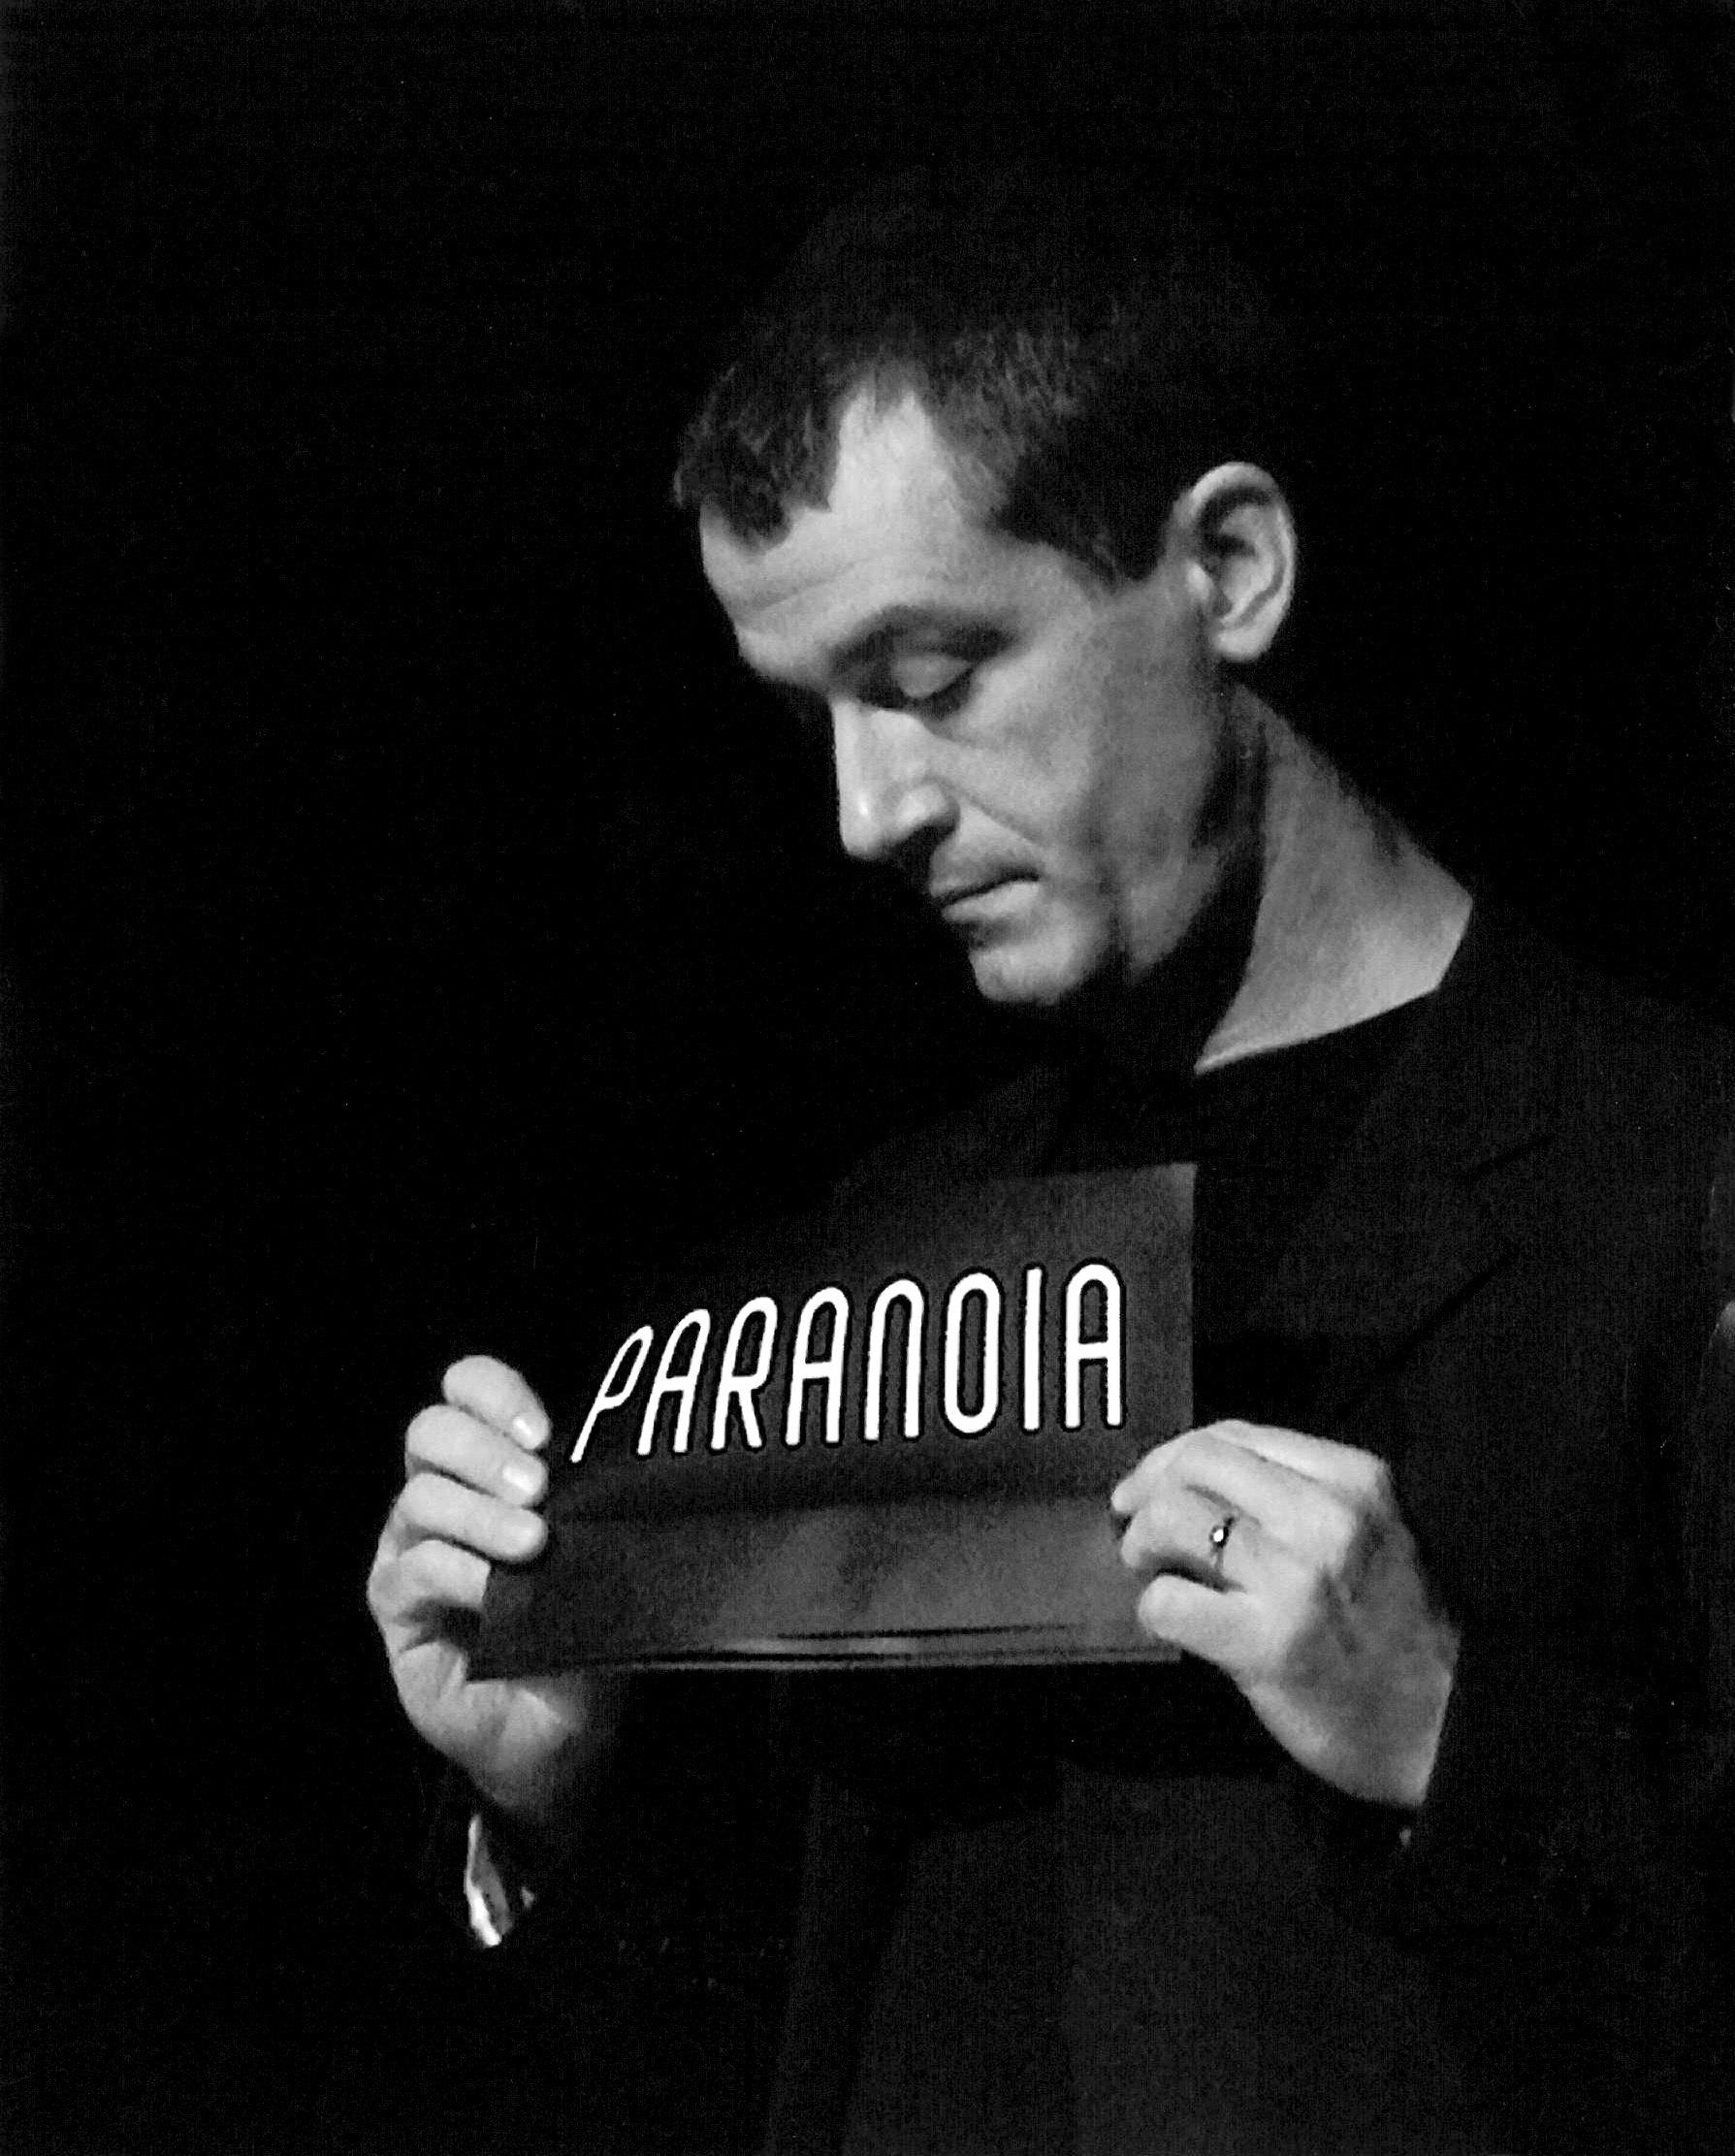 Паранойя (фильм, 2007)